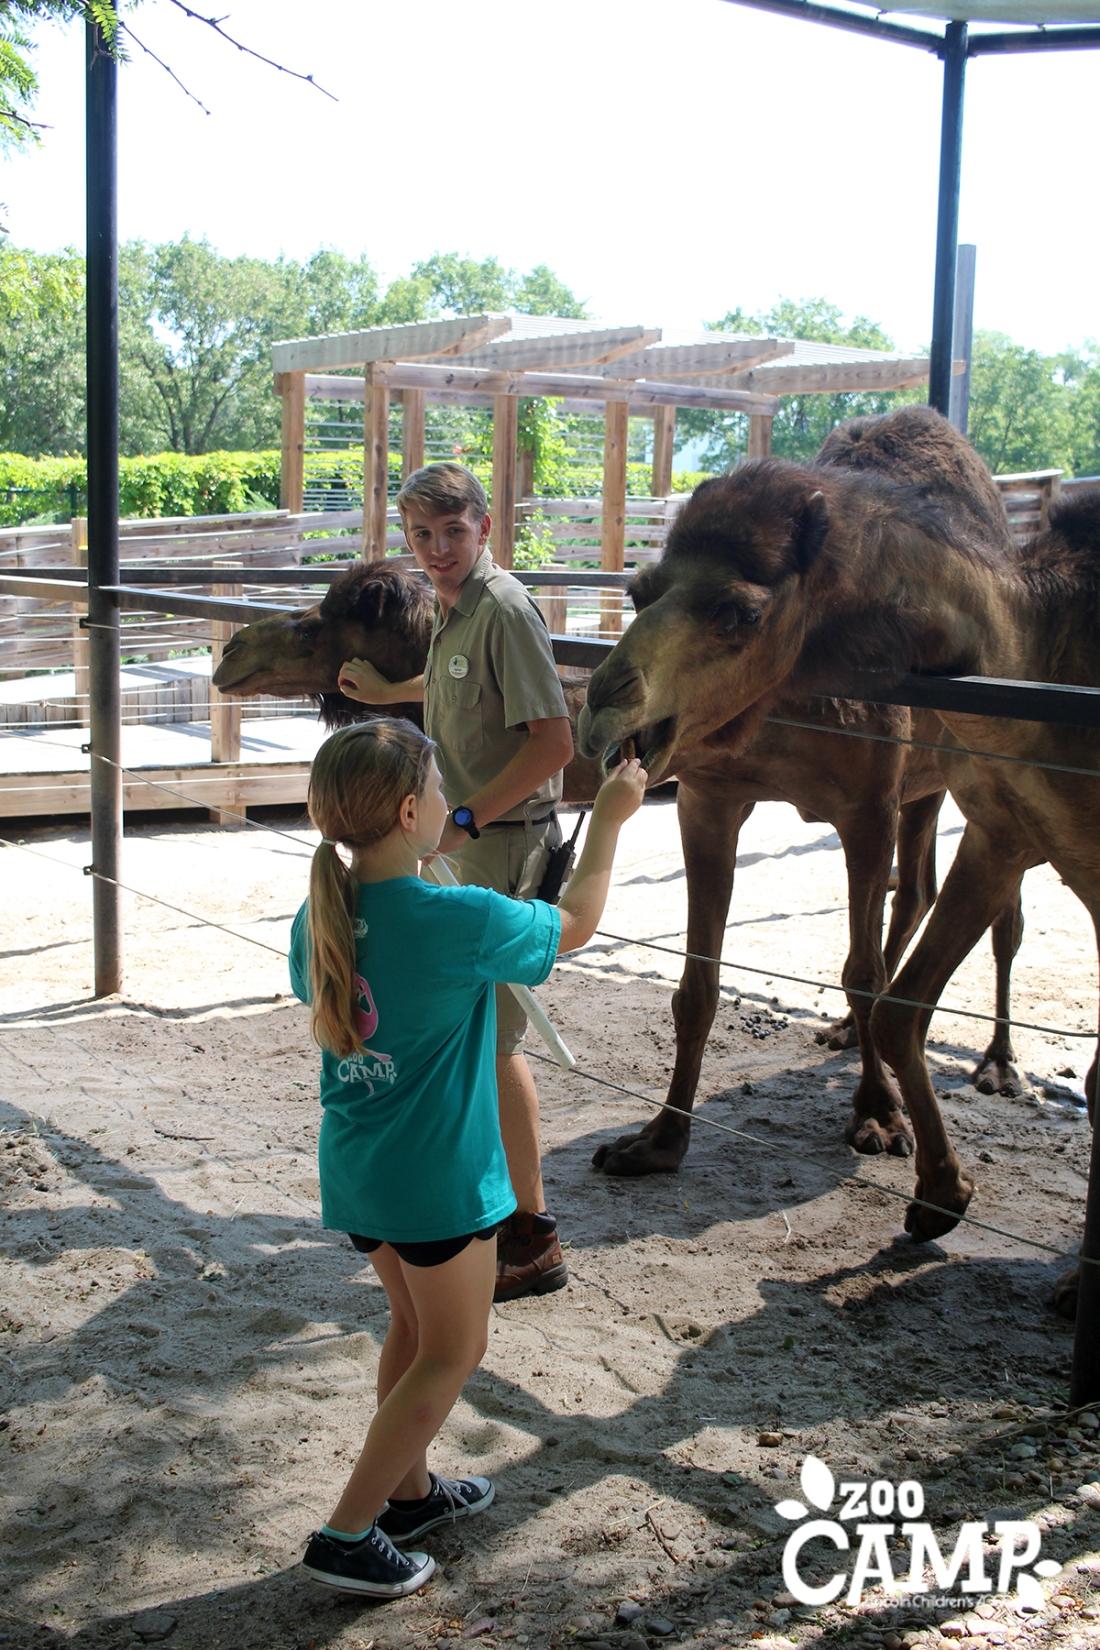 Camp_camels_8-10_3300 copy.jpg